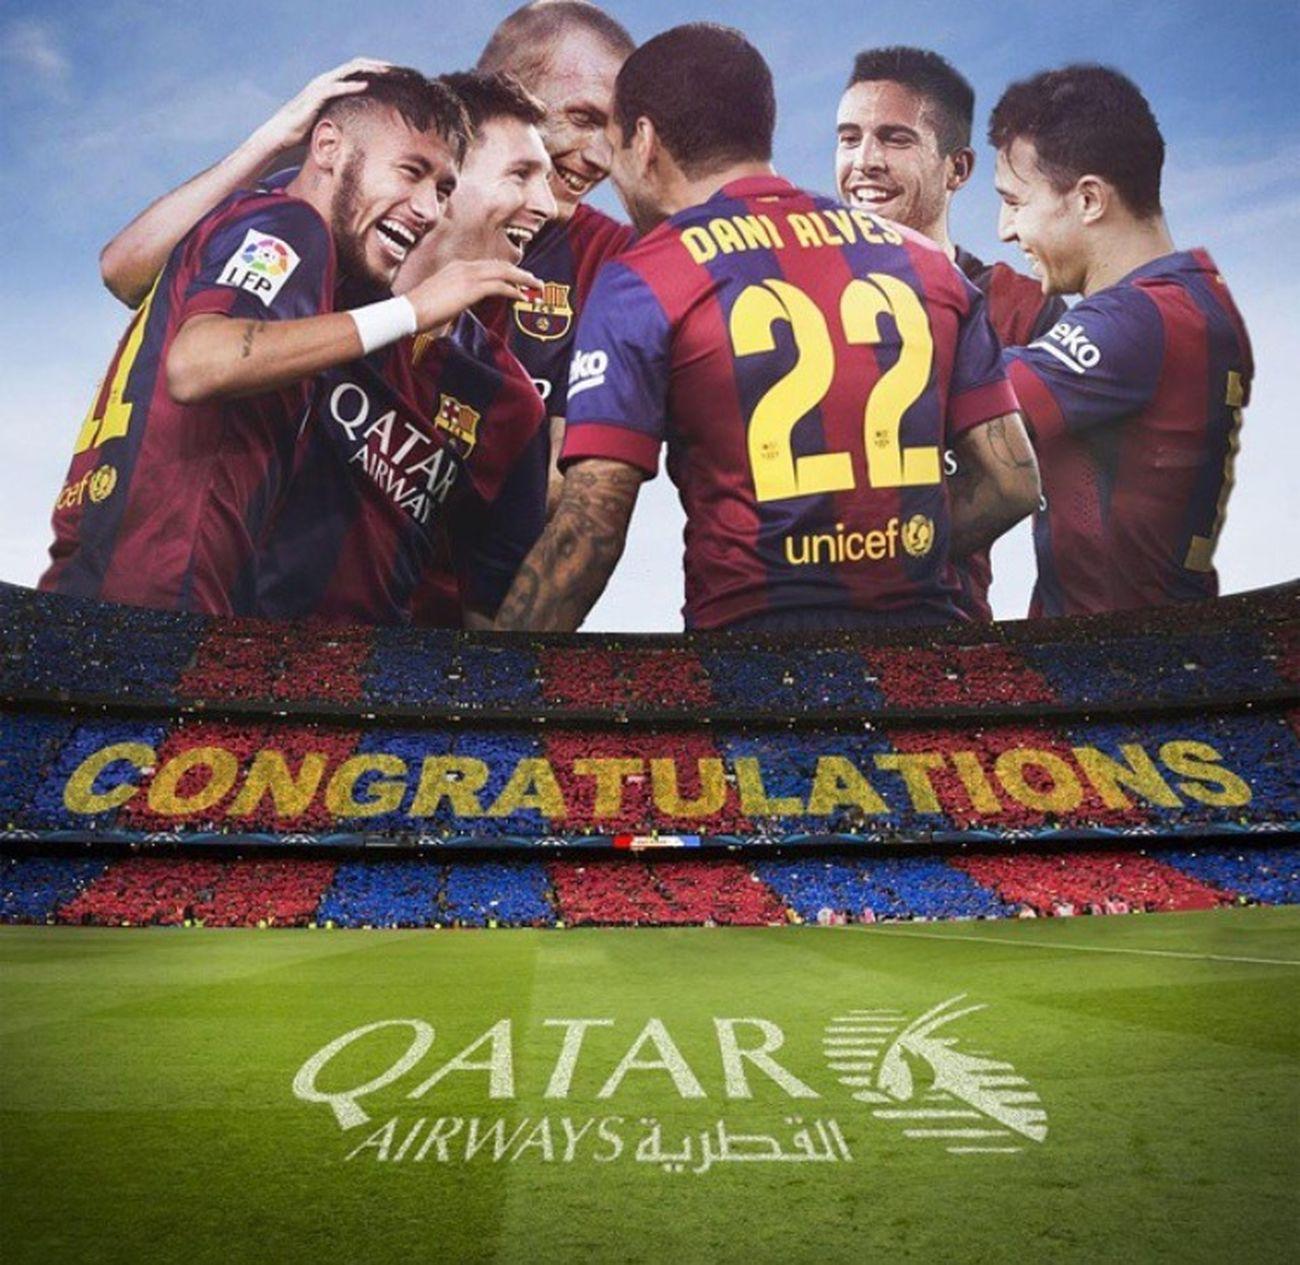 البرشا برشلونه بيكيه ميسي  نيمار نيمار♥ برشلونا سواريز Messi